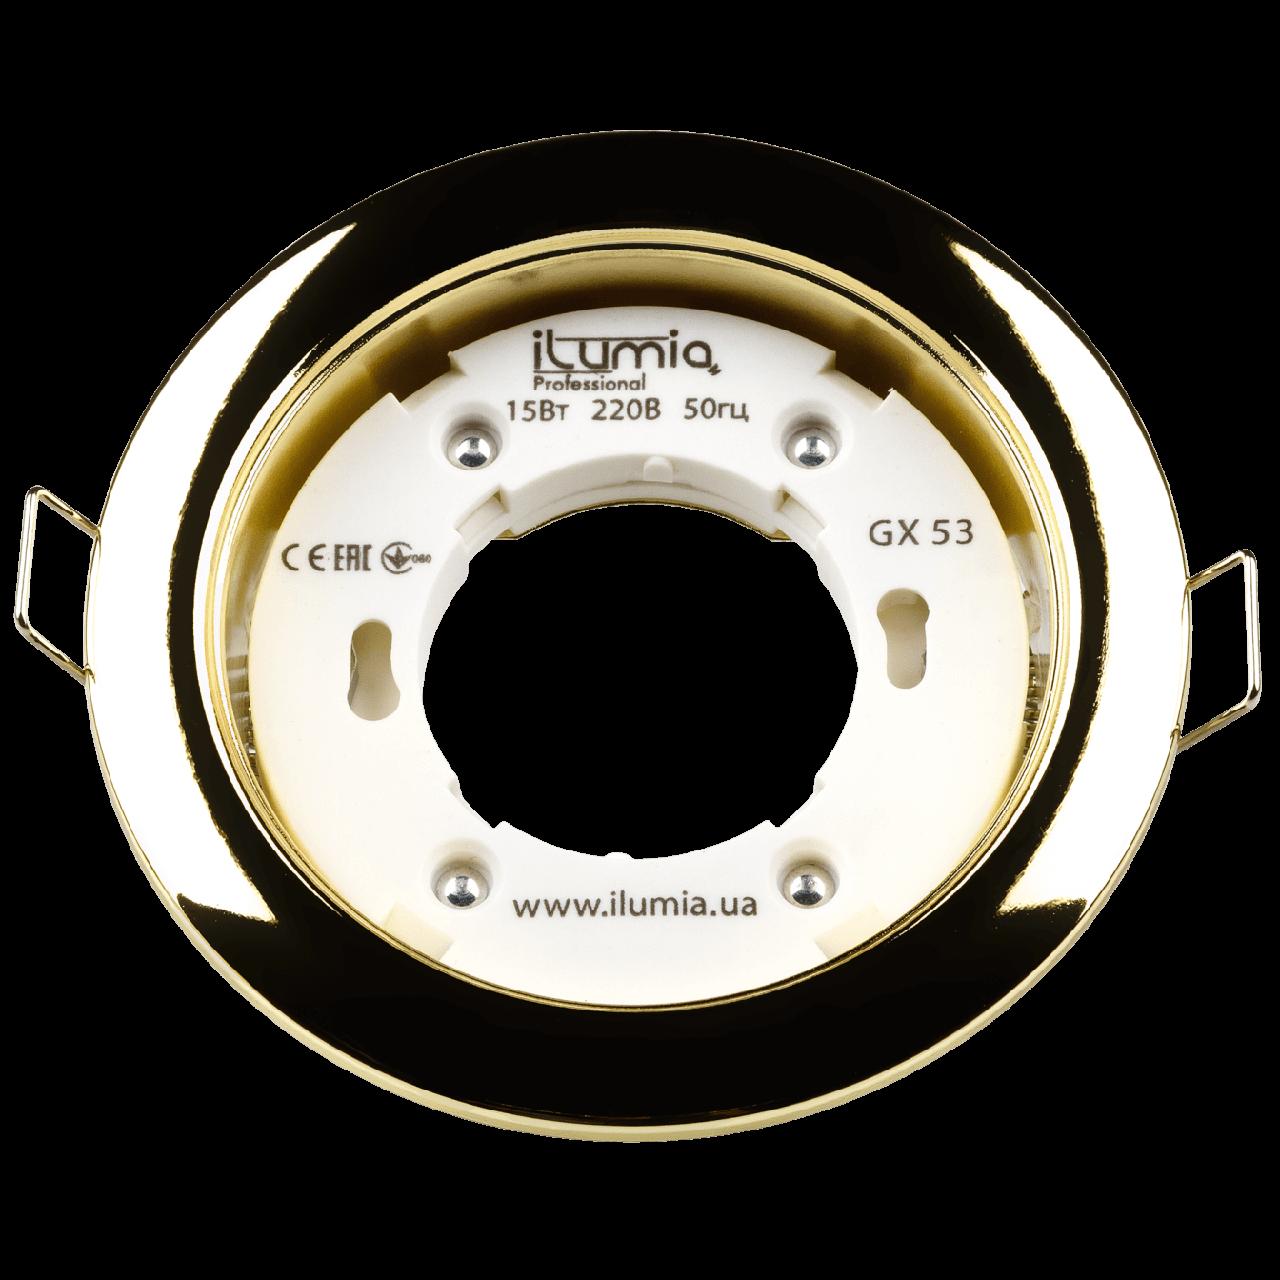 Встраиваемый светильник Ilumia под лампу GX53, Золотой, 105мм (049)